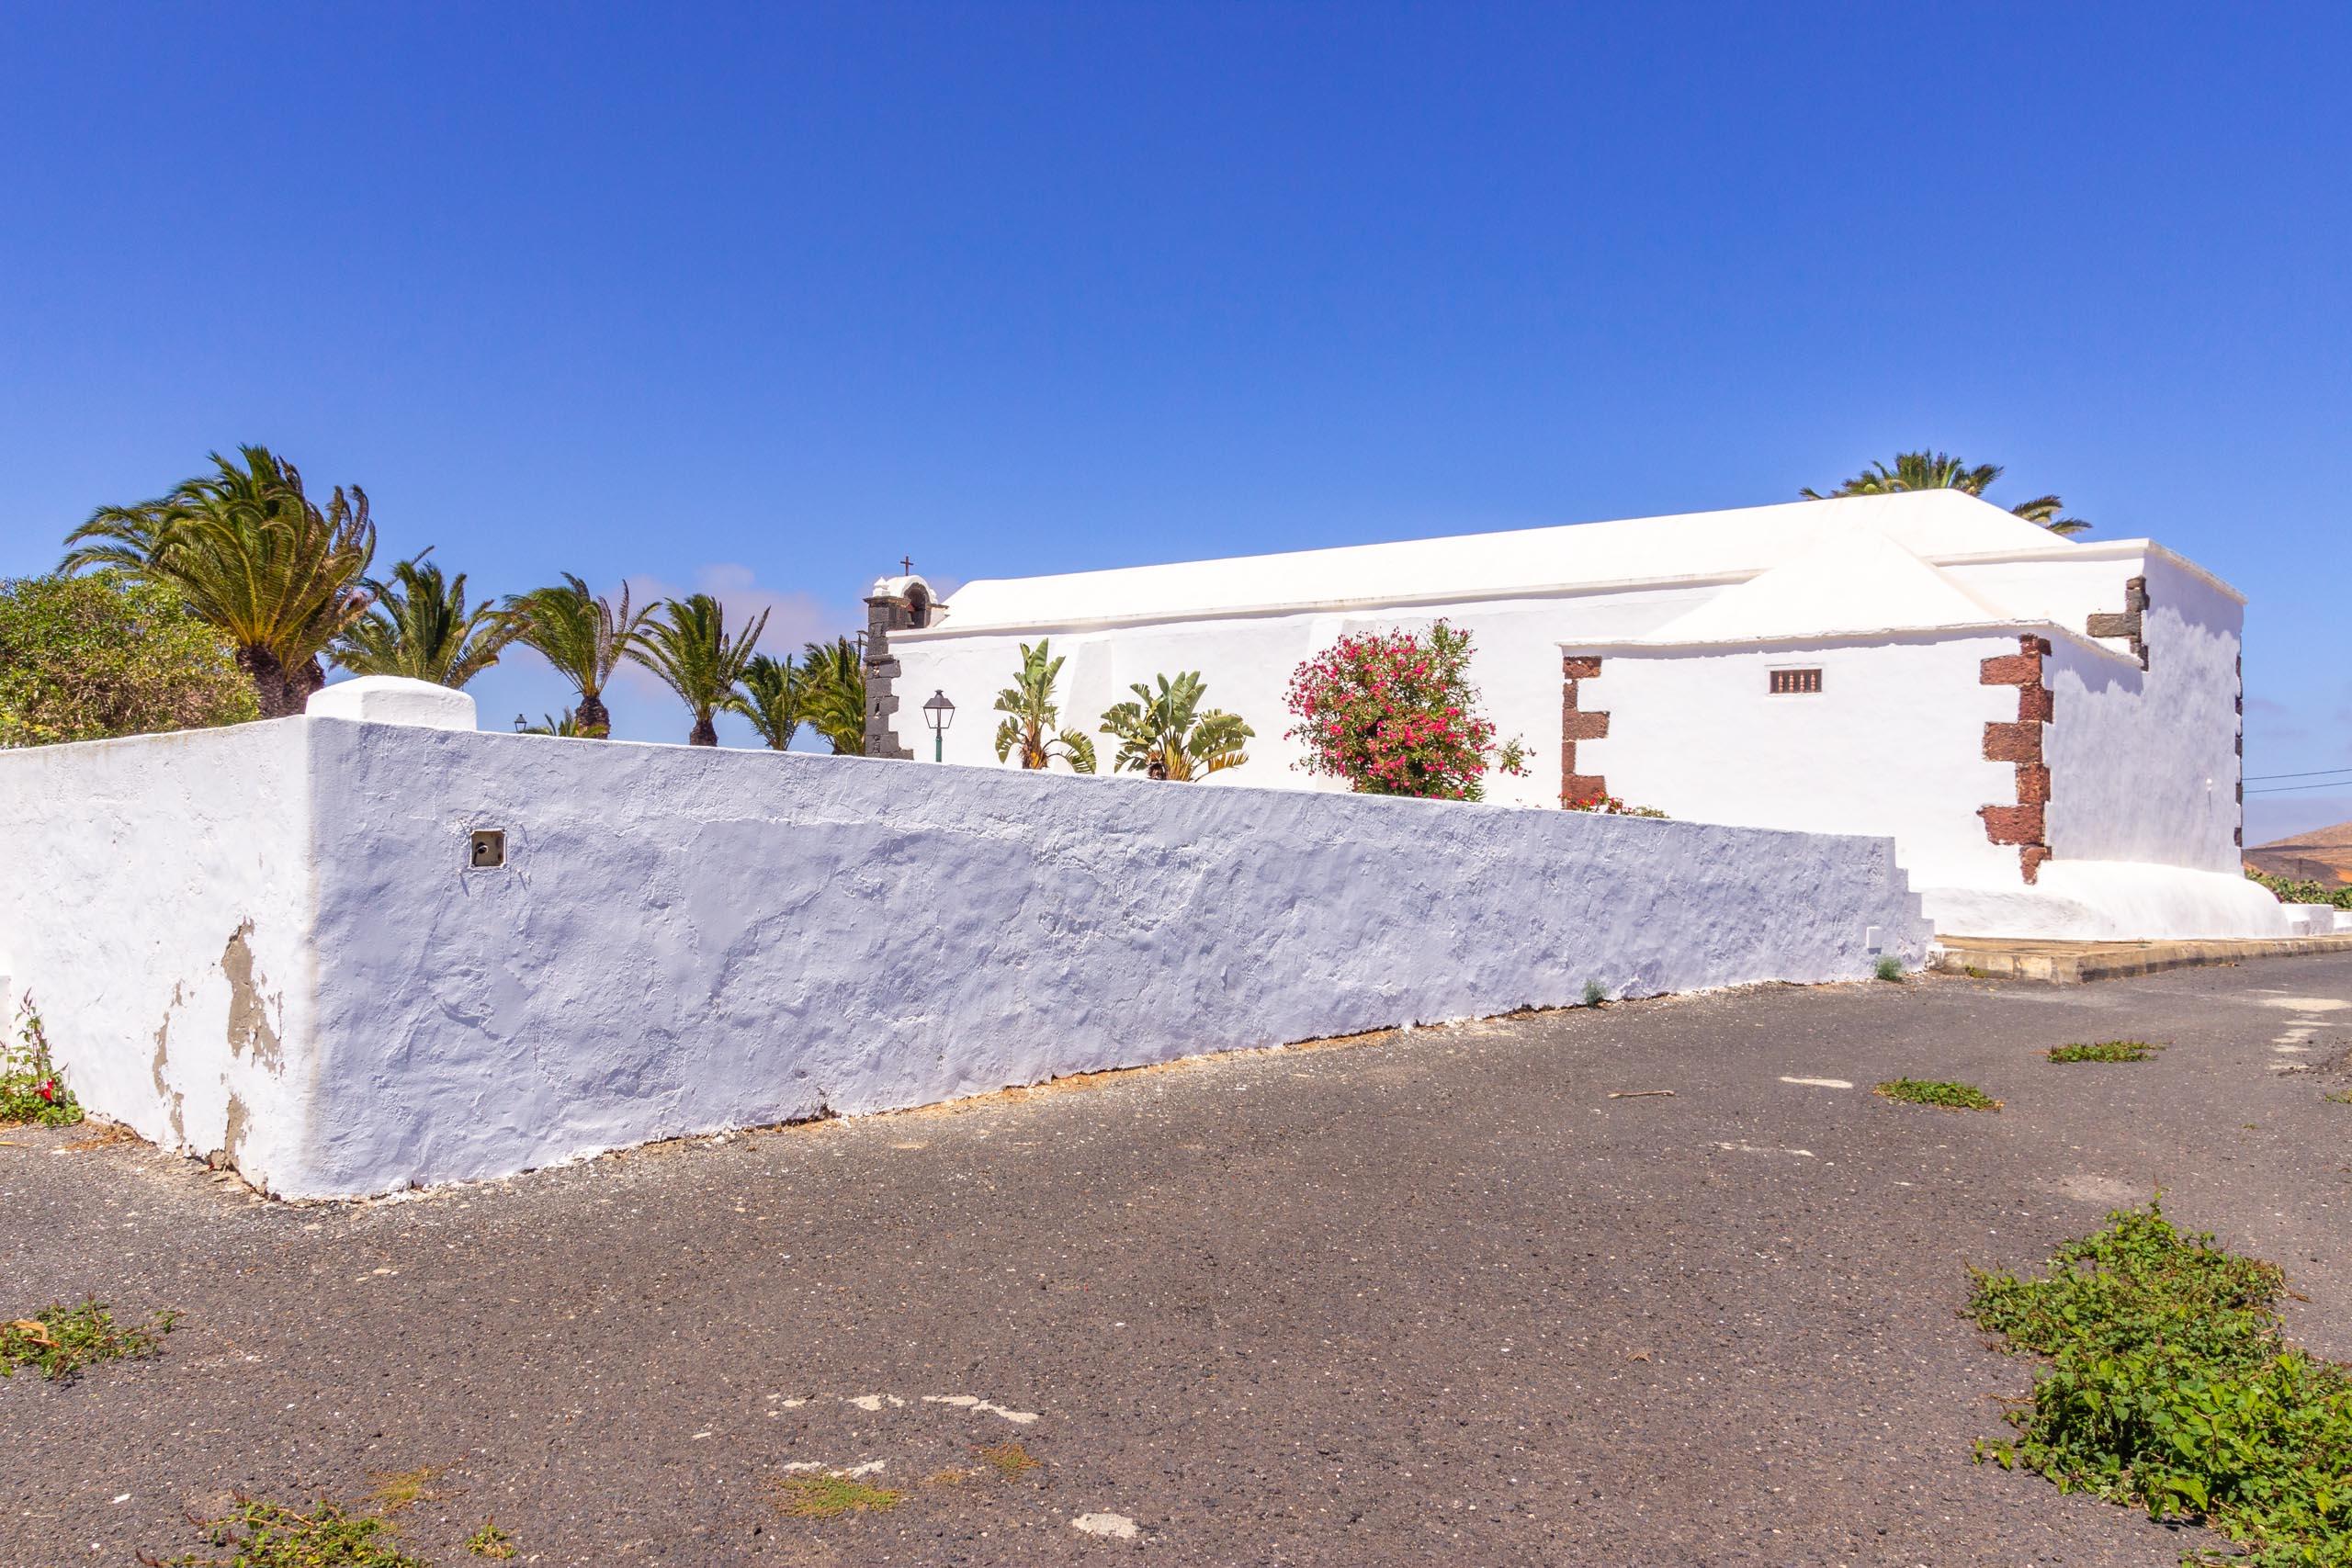 2016 09 Lanzarote TeseguiteTheChurch 003